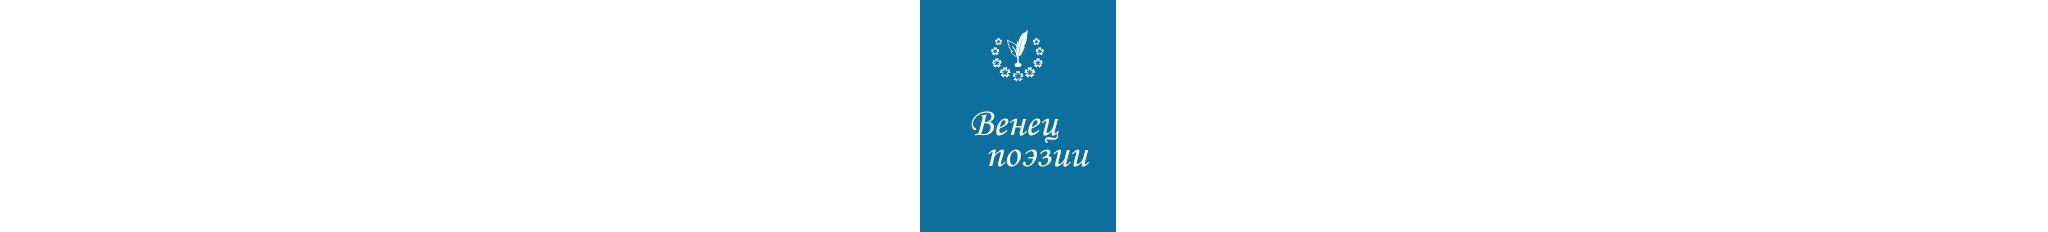 Приказ «Об отборочном этапе конкурса Венец поэзии-2020»